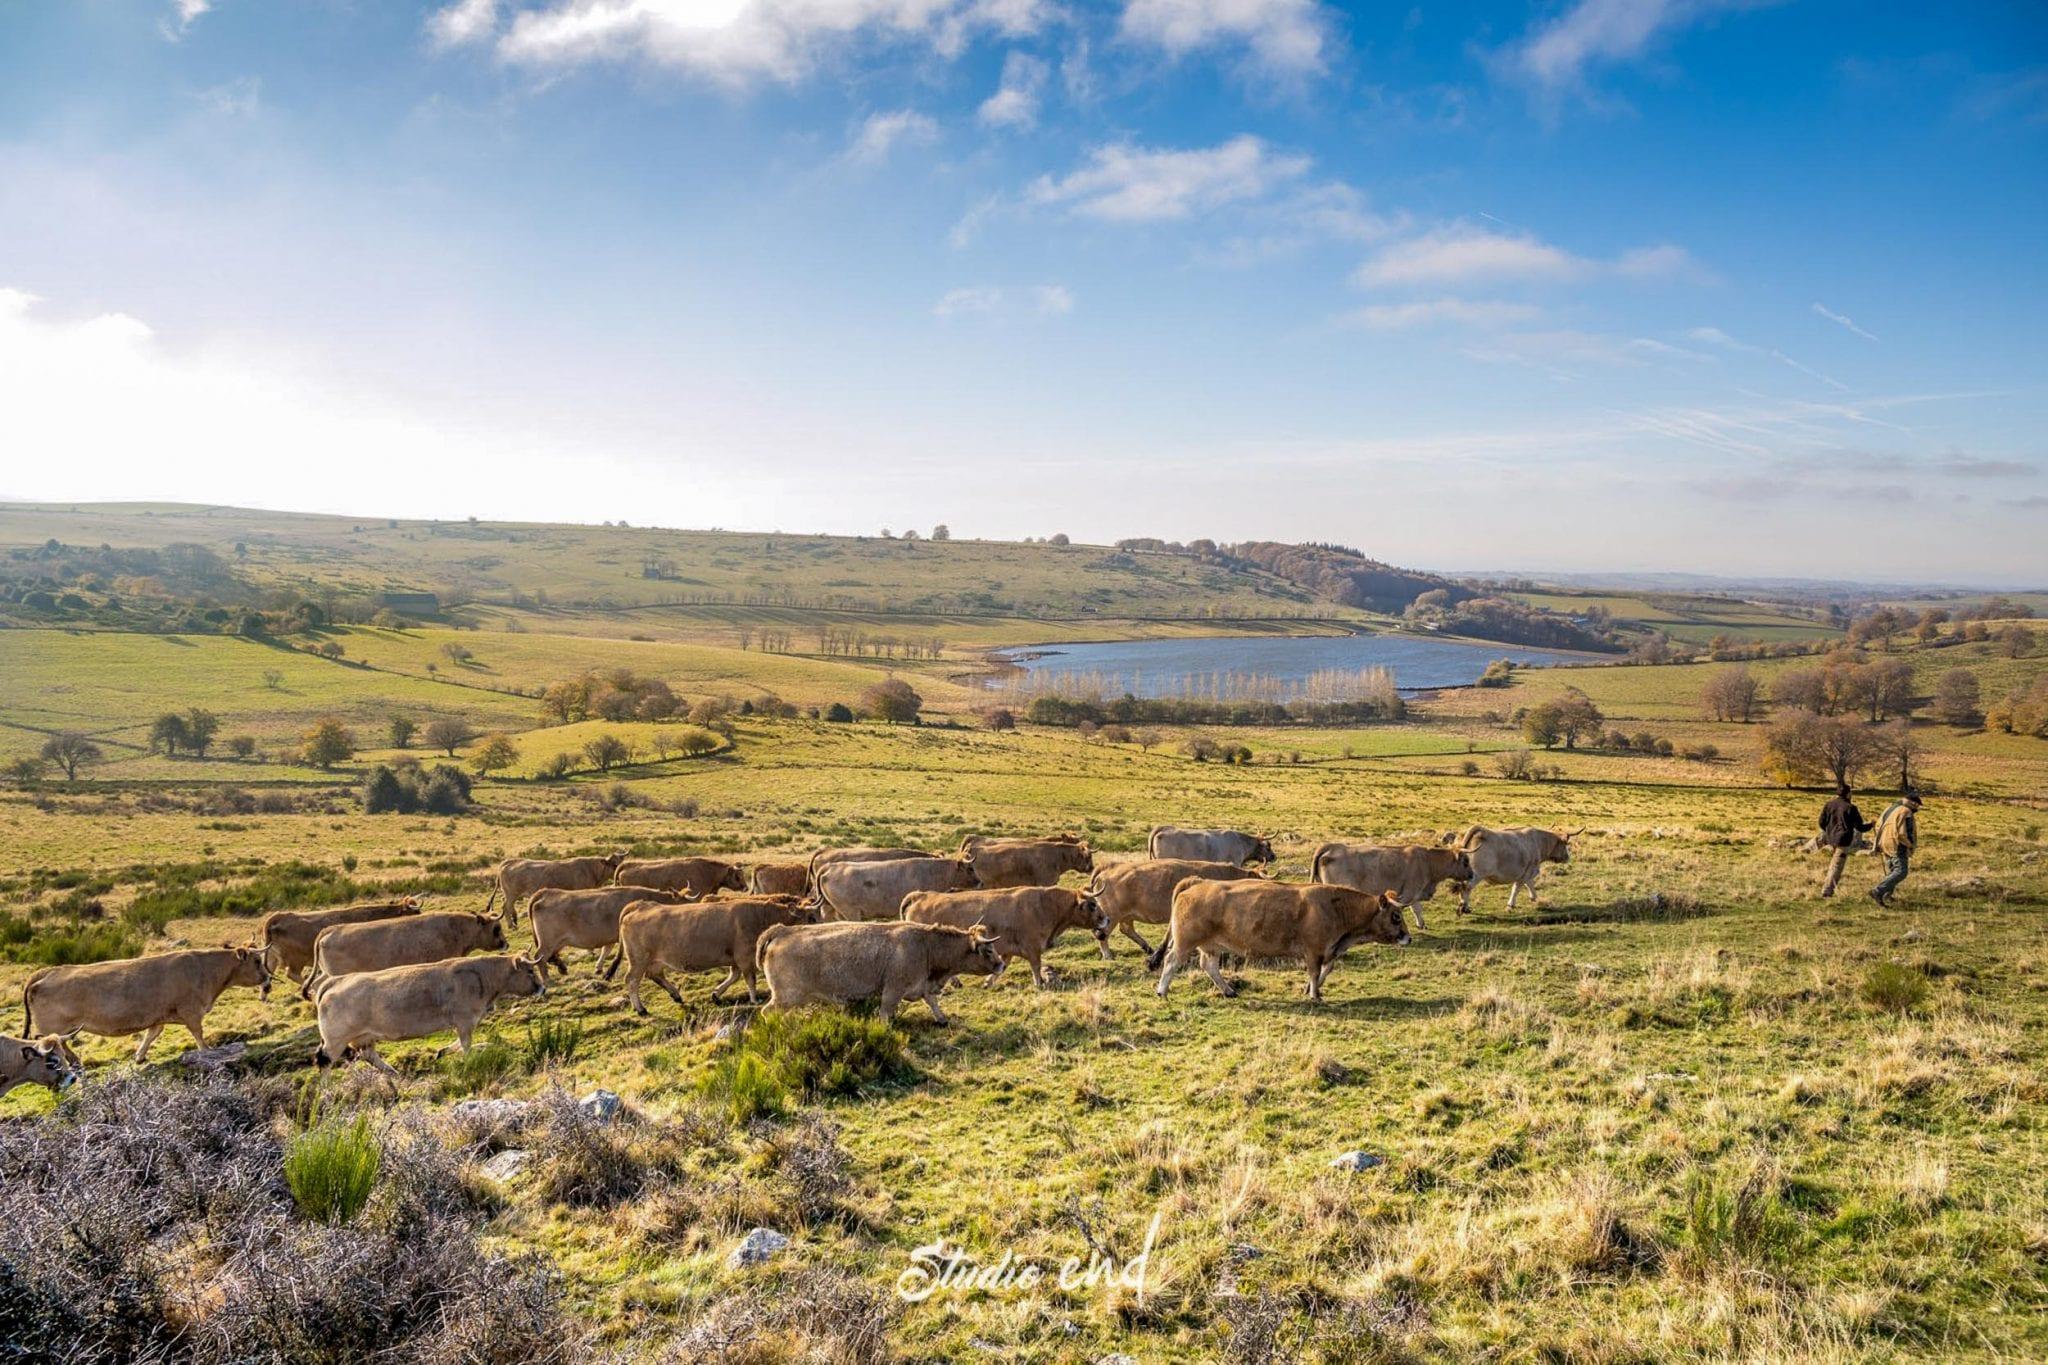 Vaches en Aubrac dans leur pré, reportage animalier Studio End